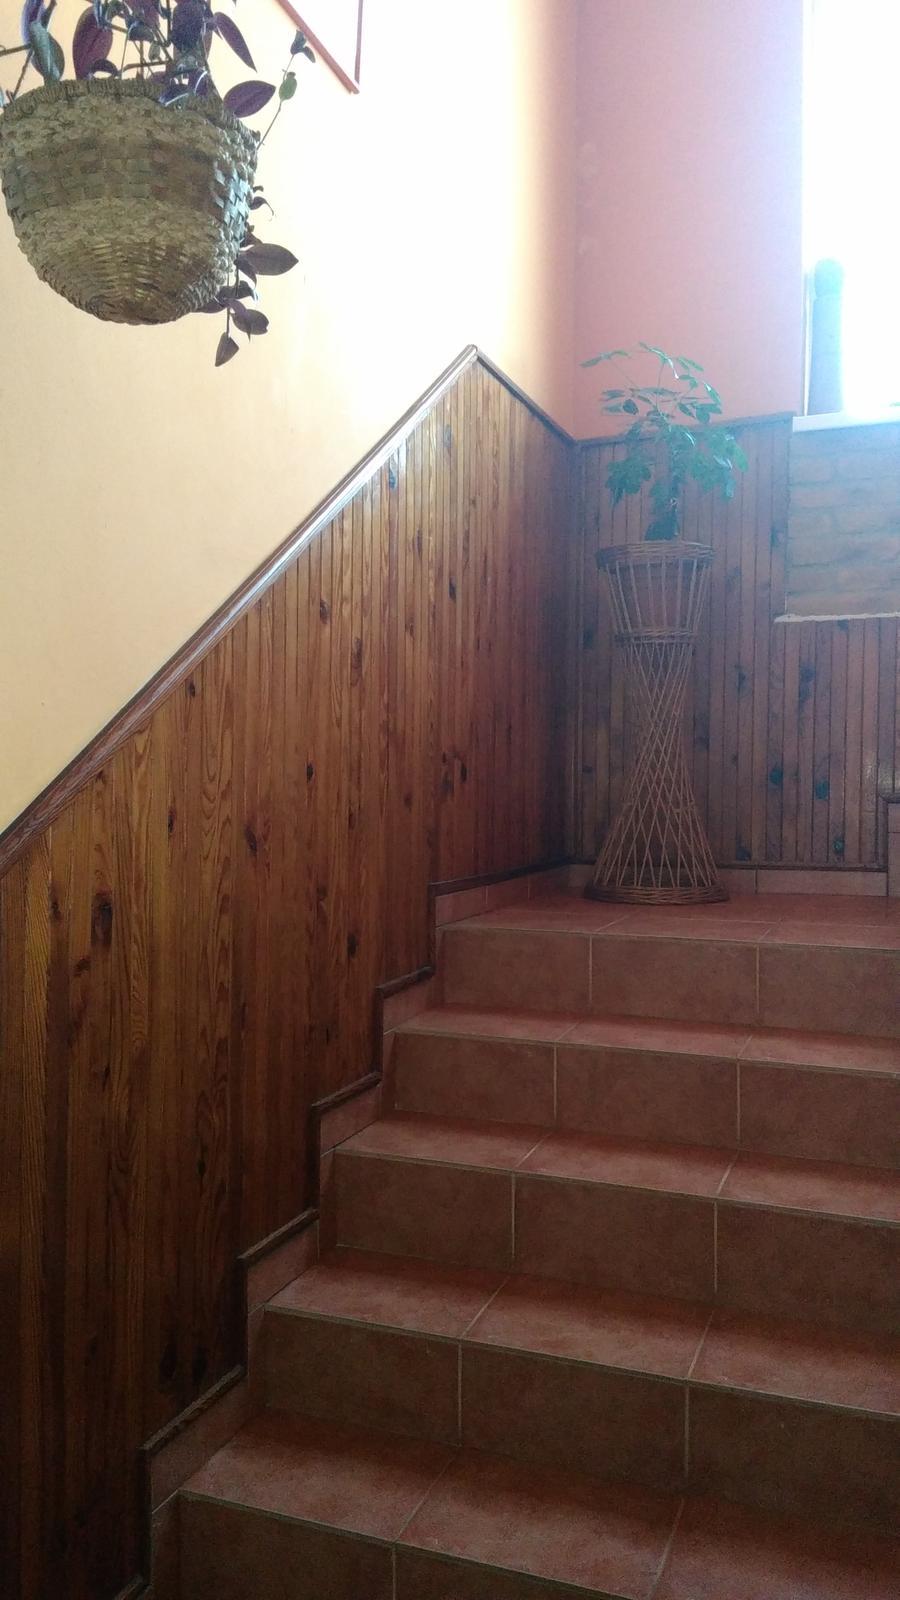 Máme na schodisku drevený... - Obrázok č. 1